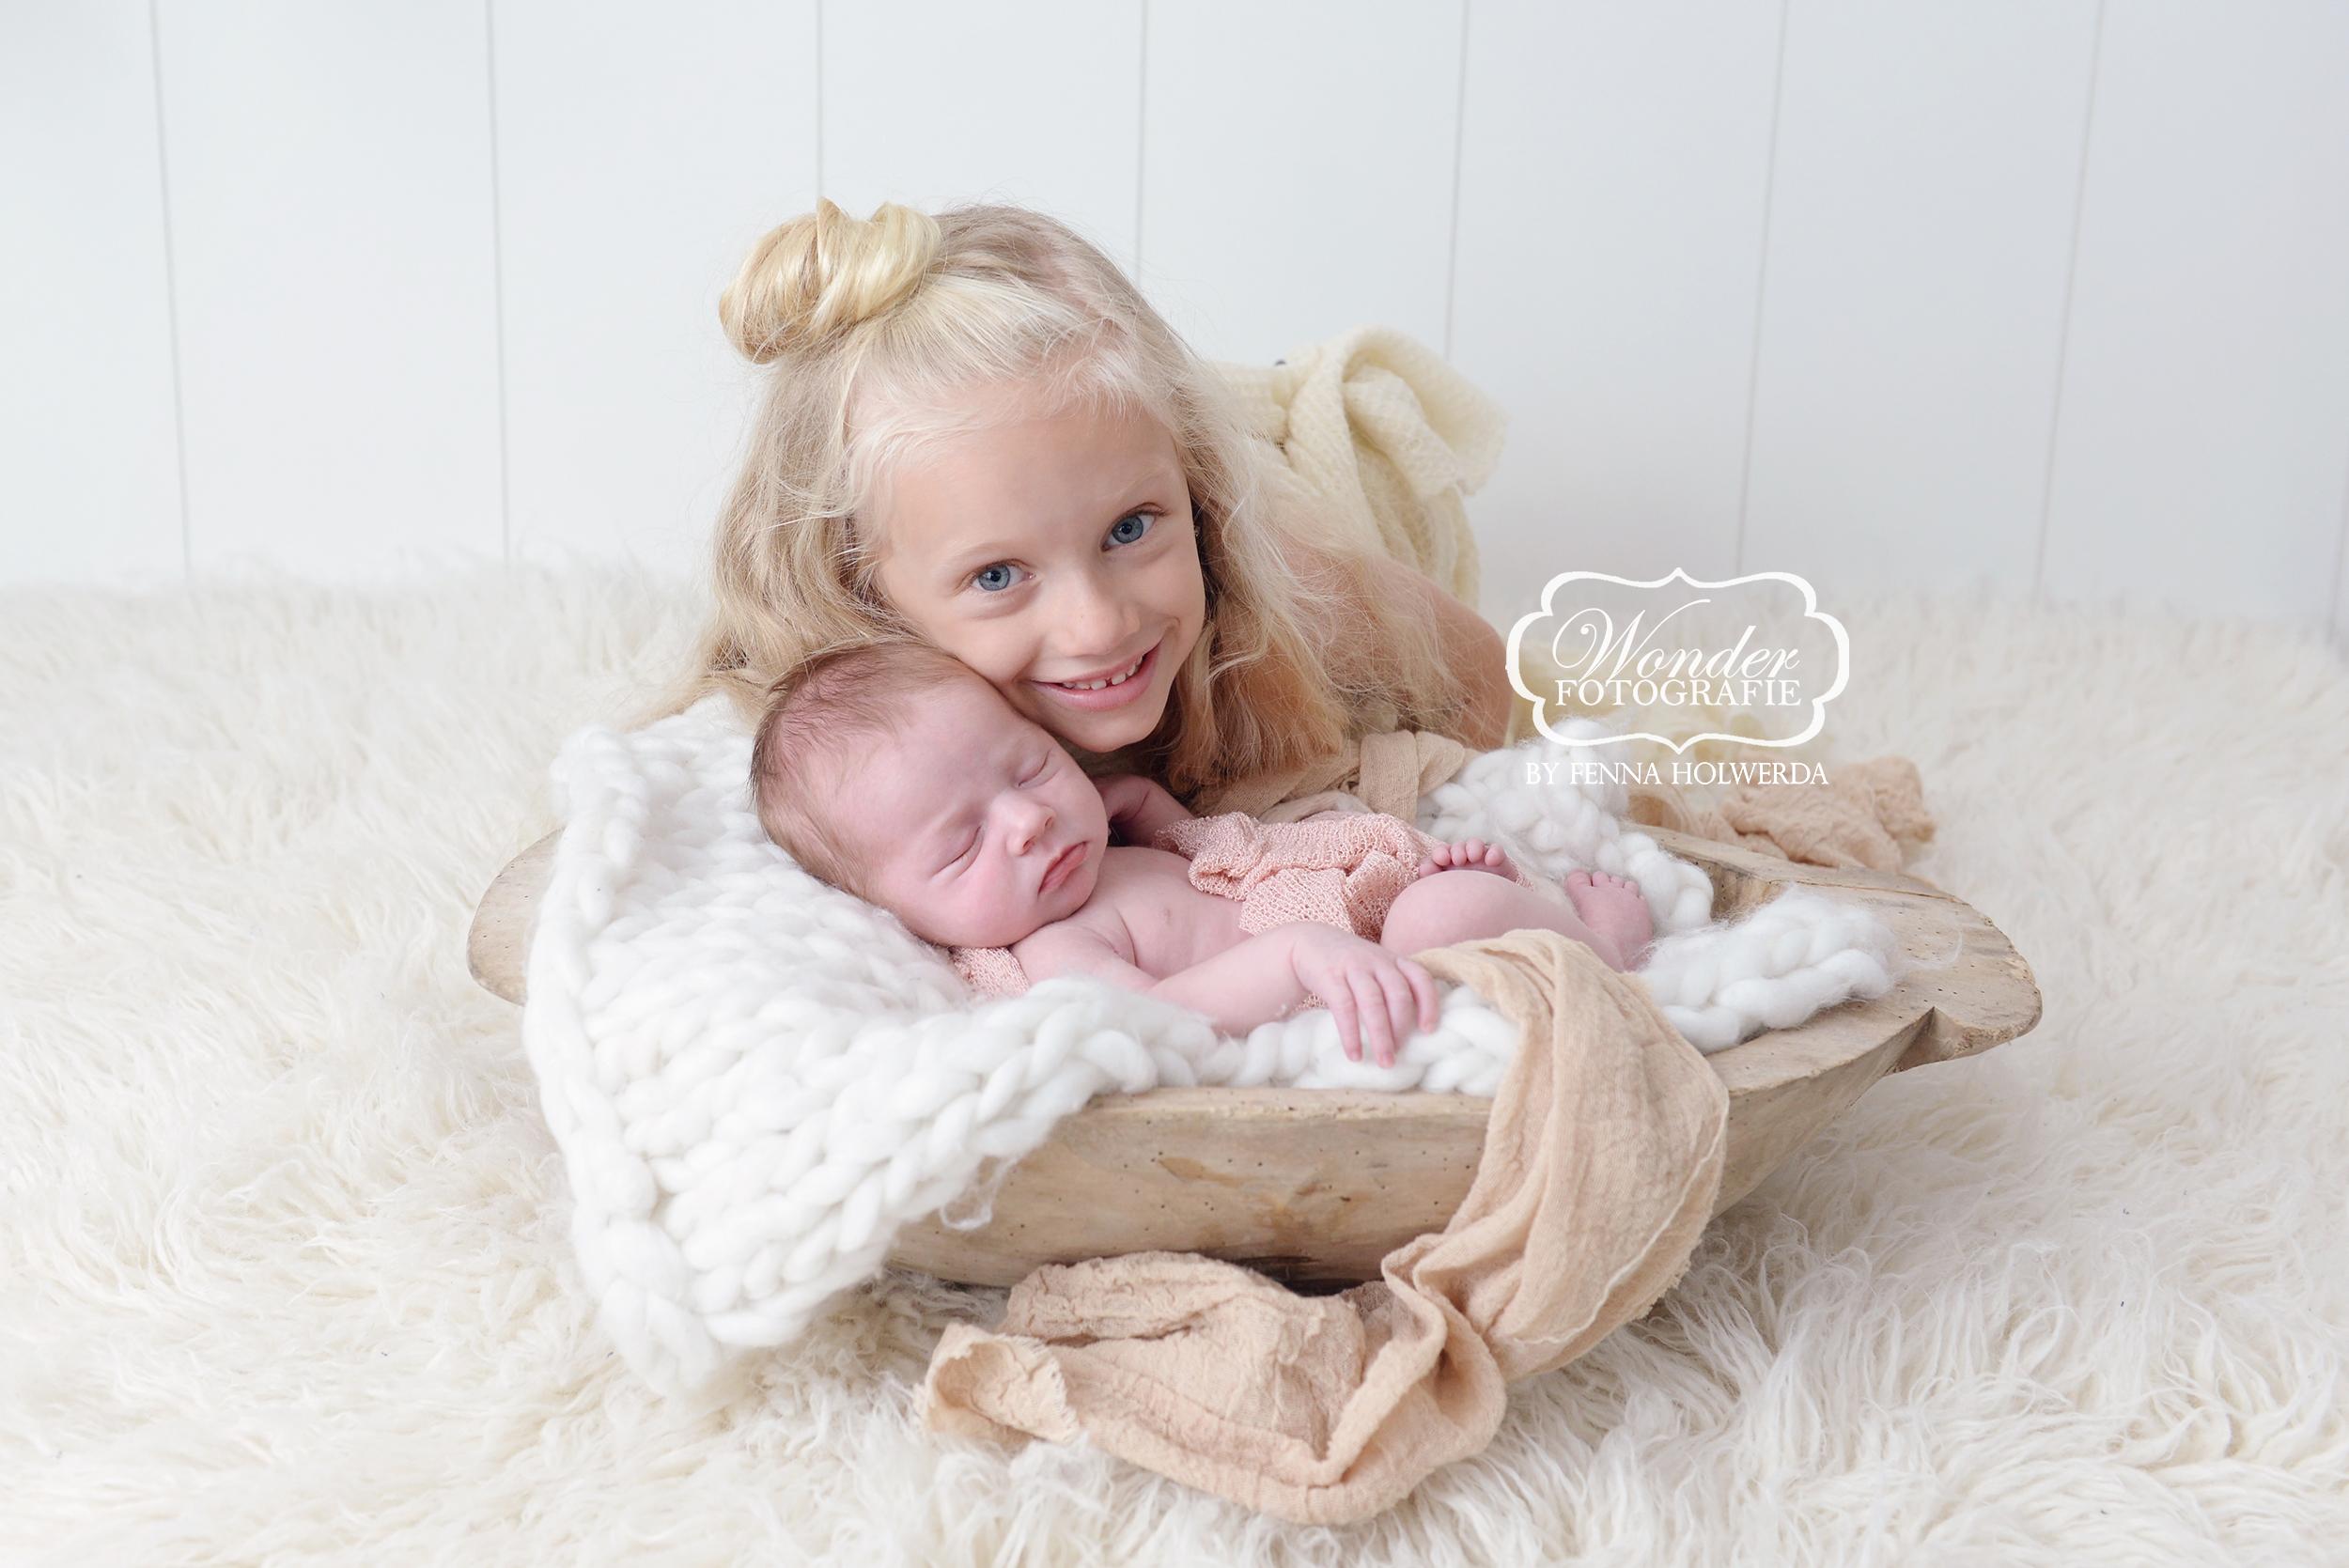 newborn fotoshoot baby shoot photoshoot studio 1